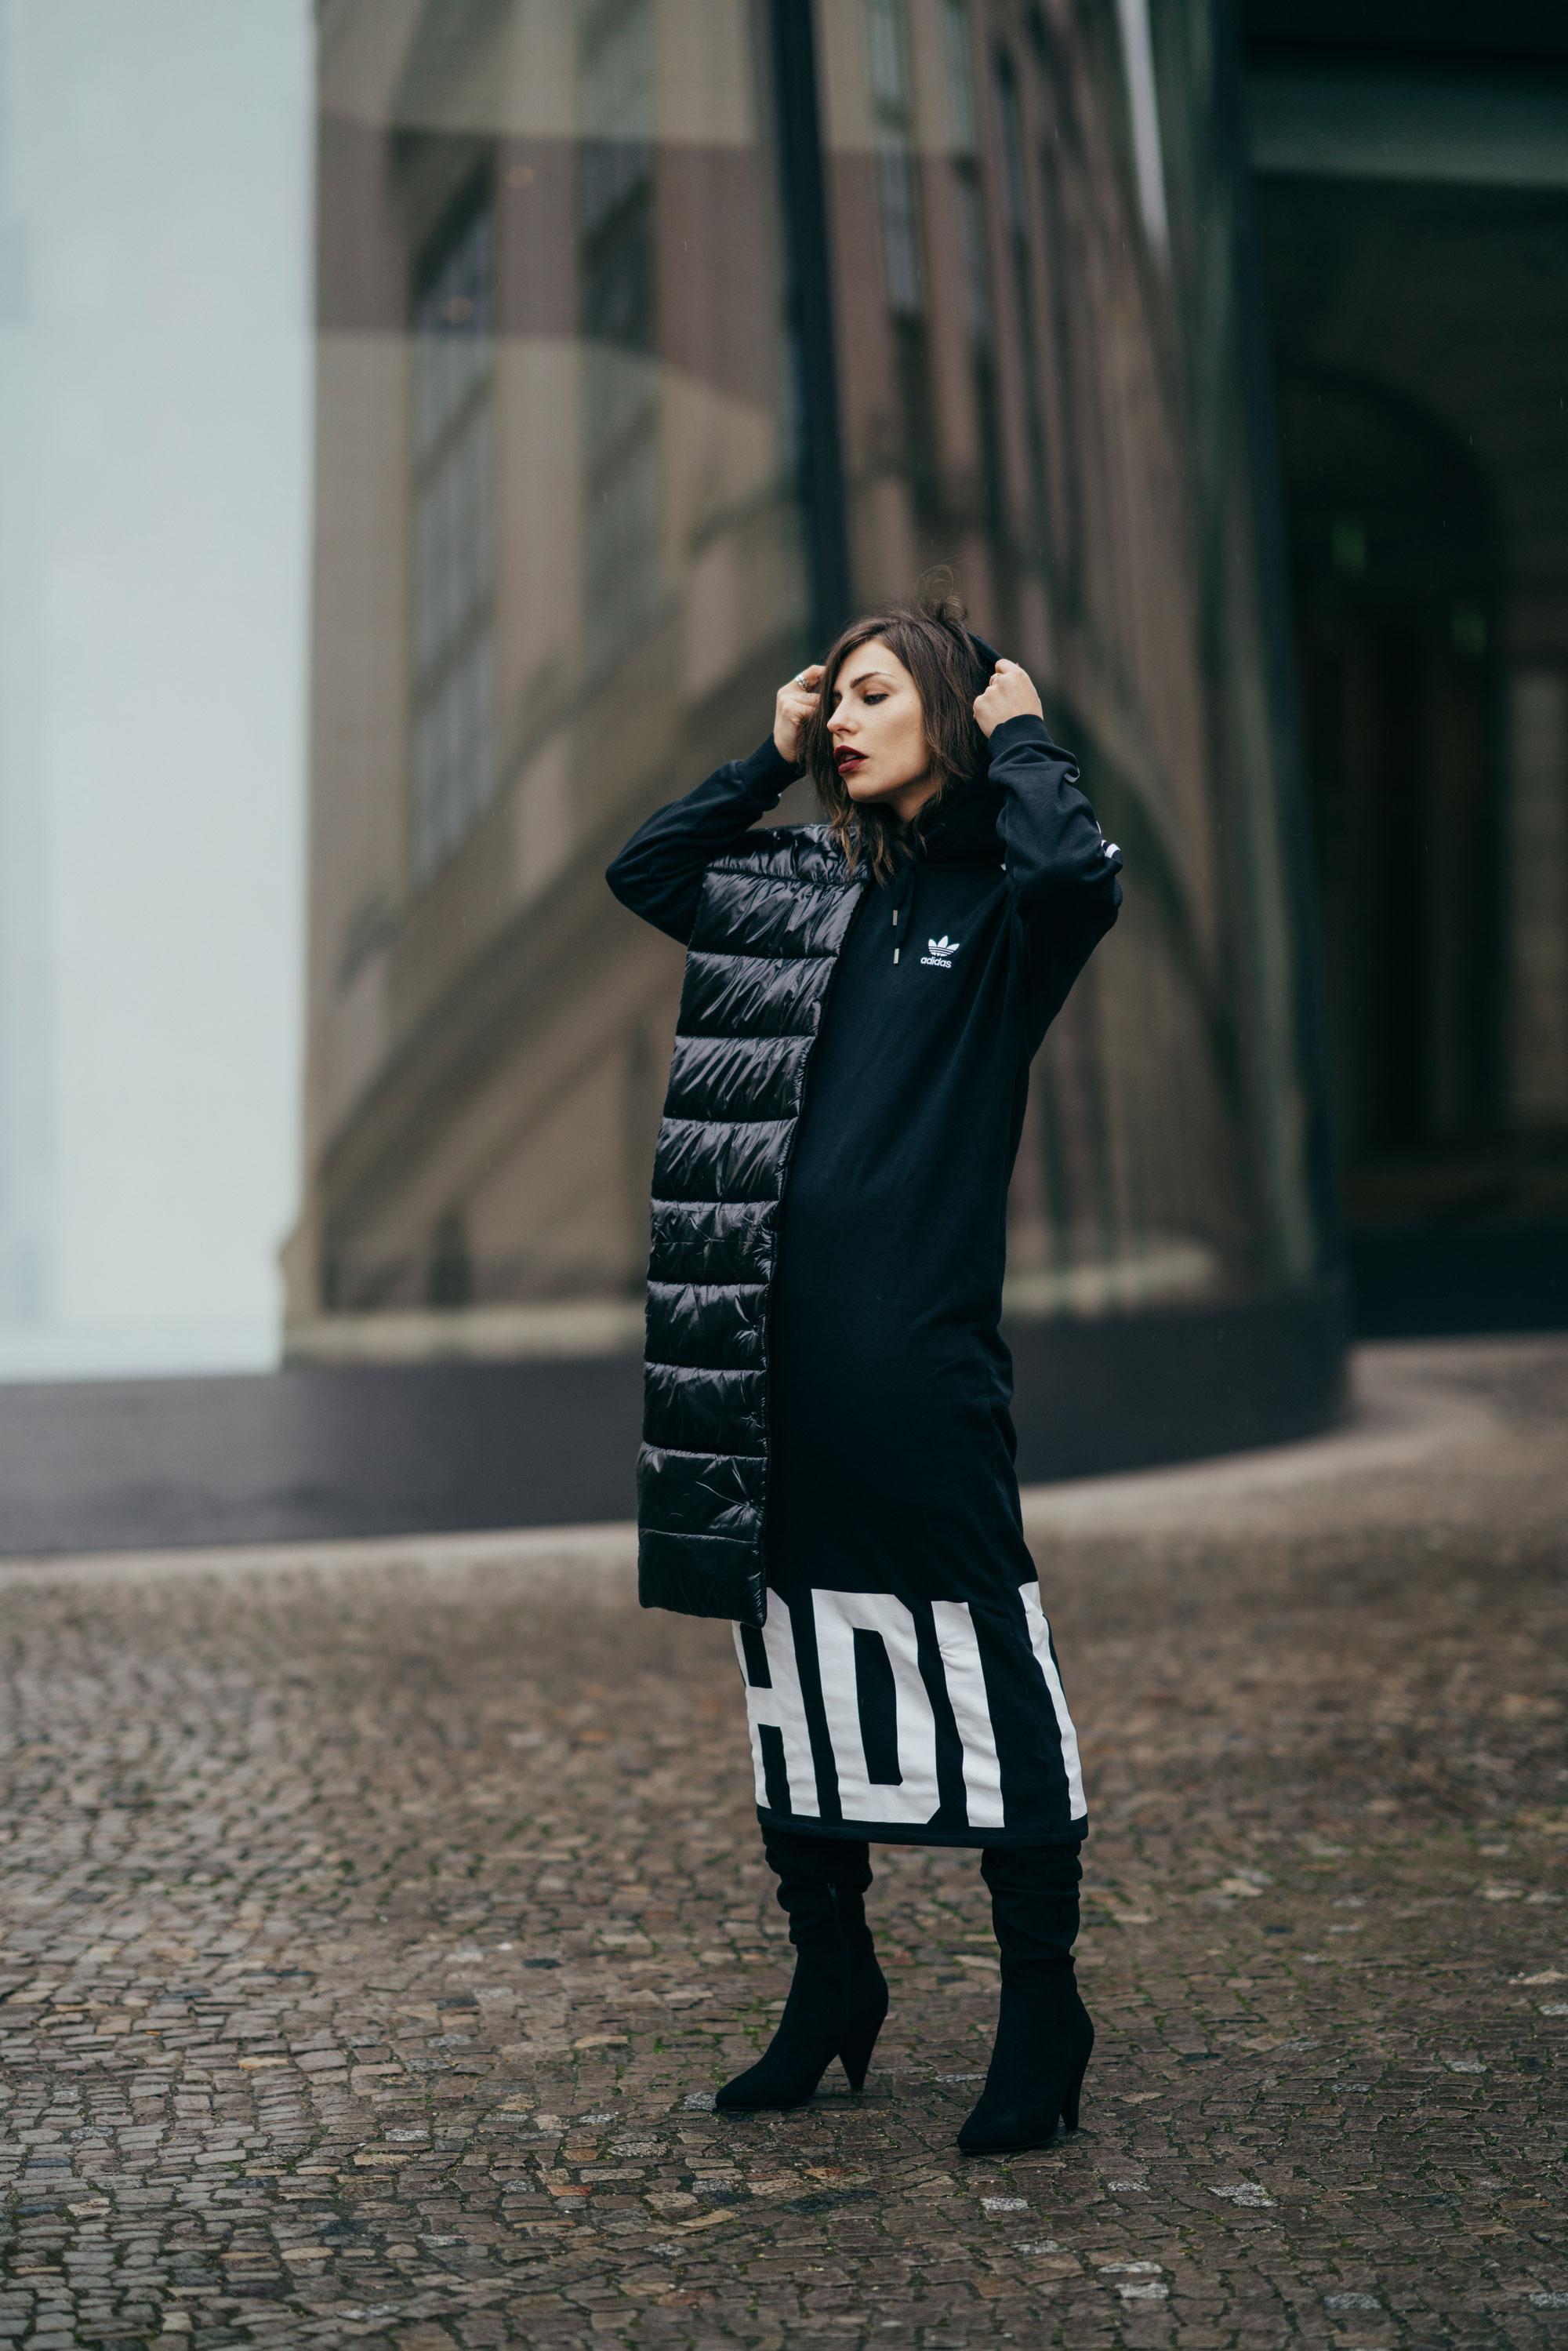 Zalando стиль дня | Маша Сэджвик | уличный стиль | мода | бренды: Topshop, Ivy Revel, Vans, Selected Femme, The Kooples, Holzweiler | Берлин | уличная мода | повседневный, кэжуал, простой, сексуальный, спортивный, офисный, ребяческий, раслабленный, крутой | итоги недели| 2018 | Adidas dress